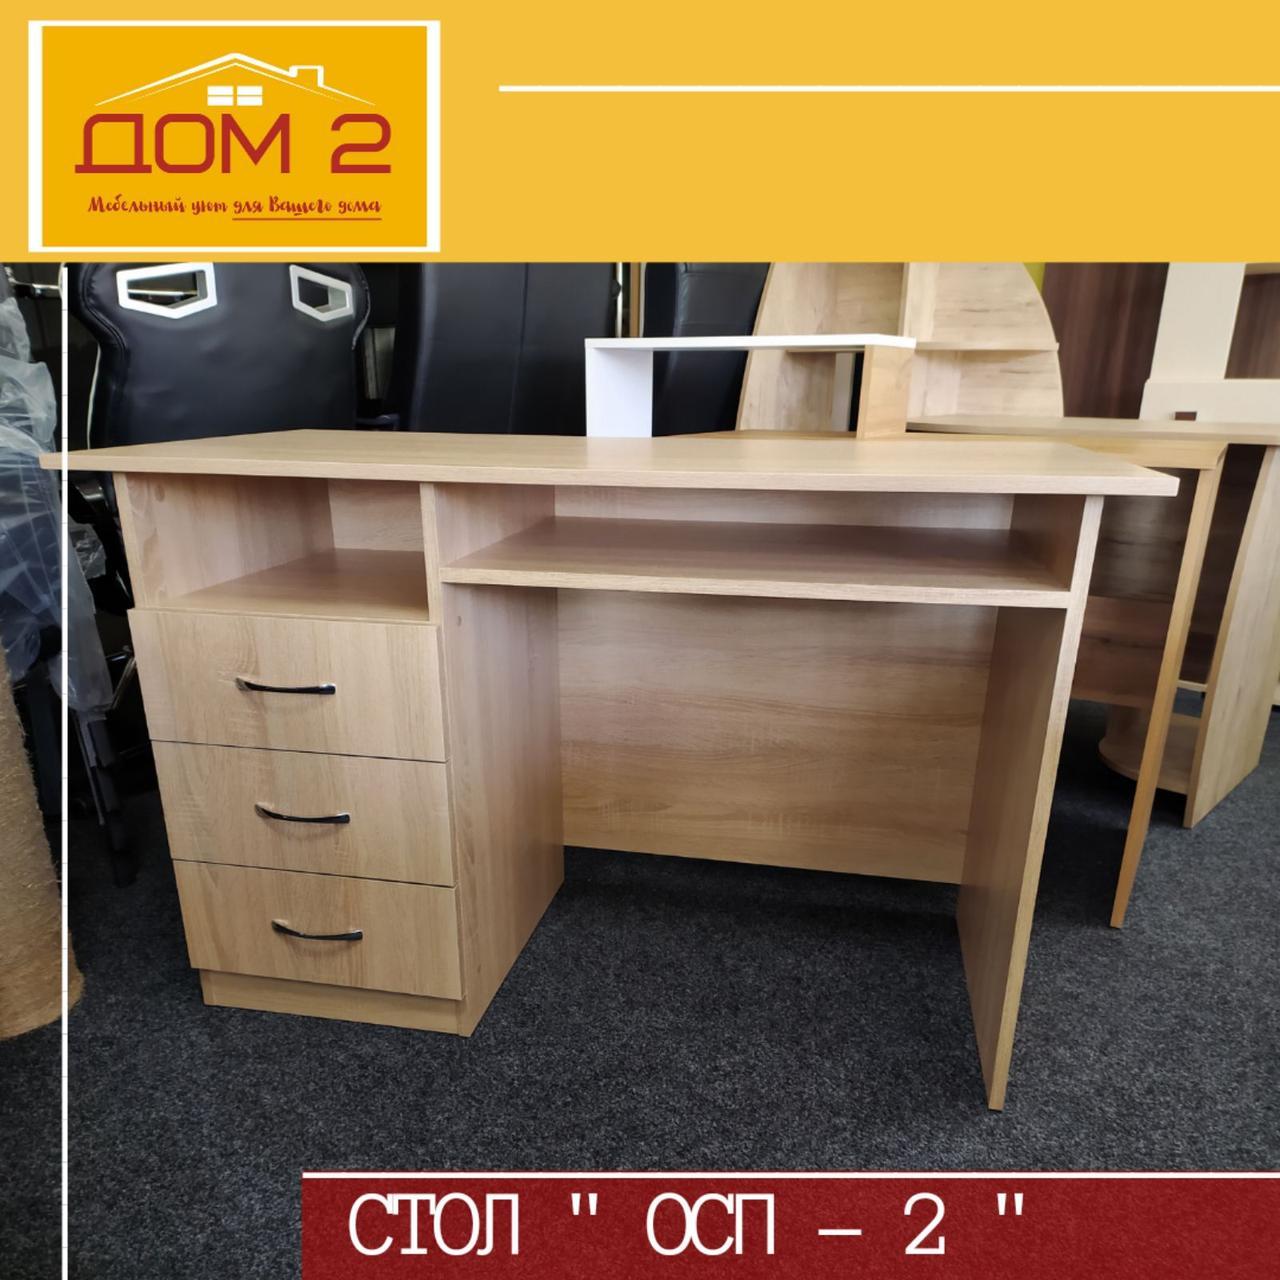 Письменный стол ОСП - 2